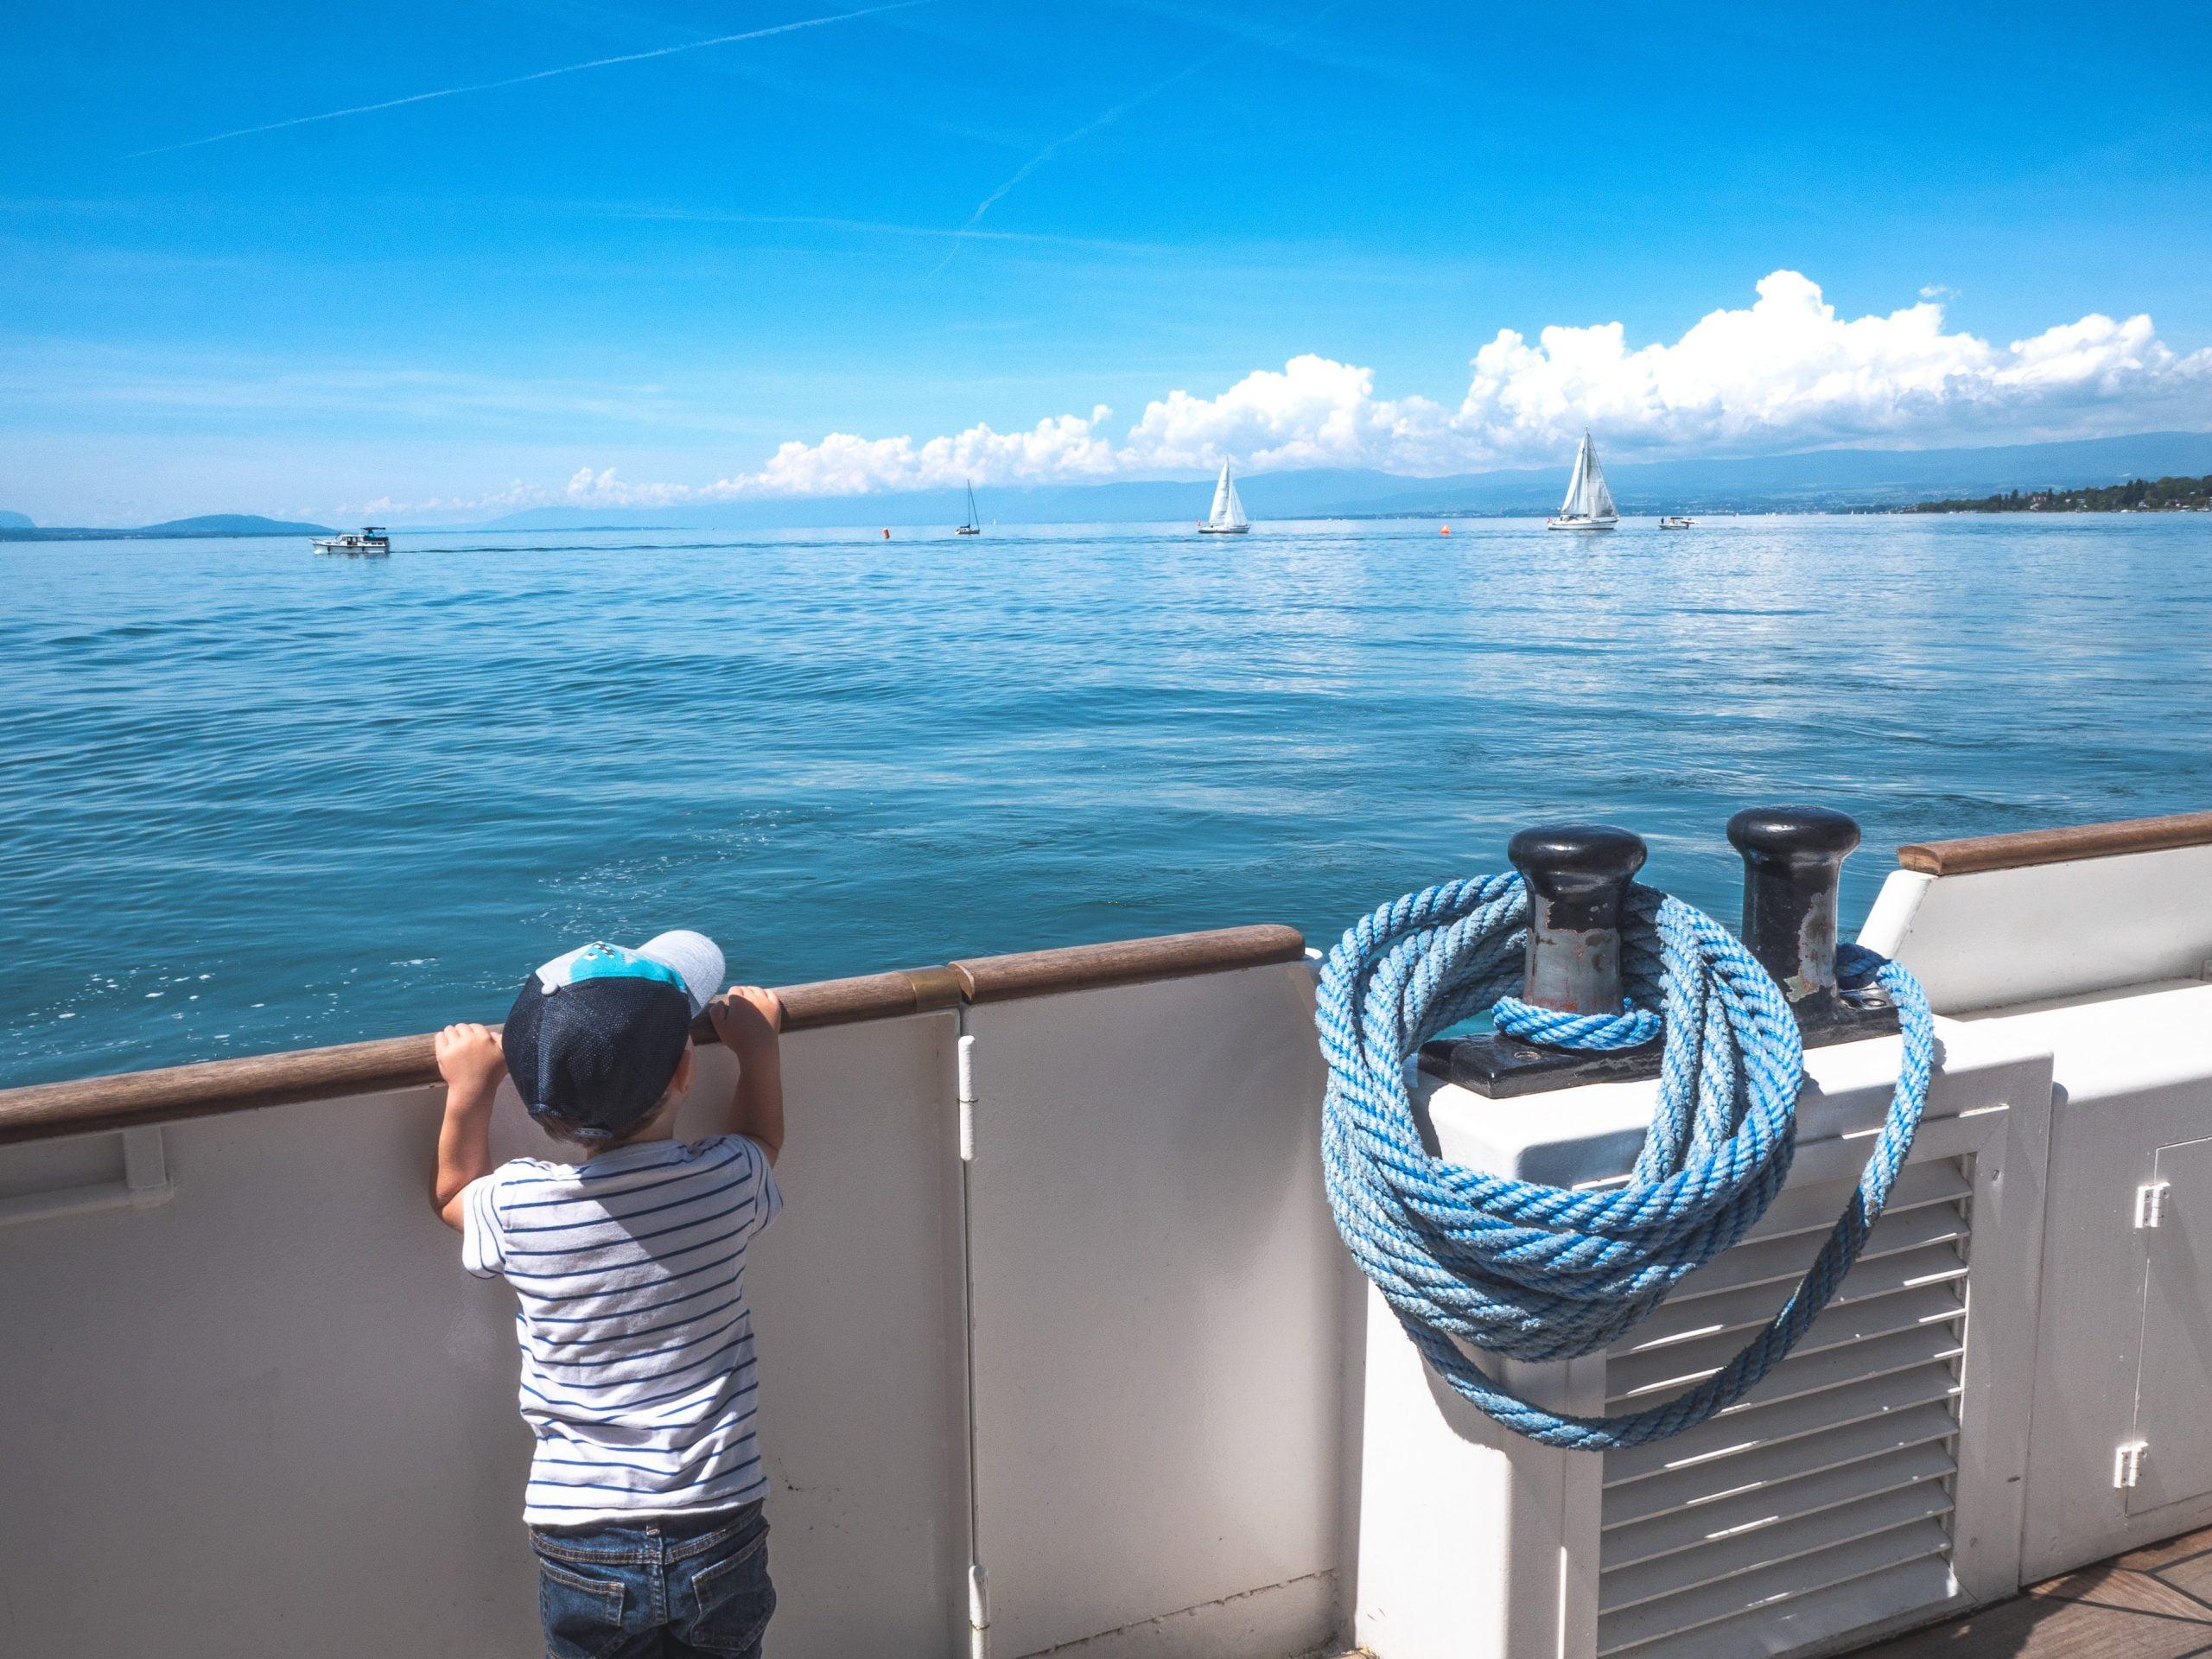 Croisière pont cordes hélio scaled - Les globe blogueurs - blog voyage nature